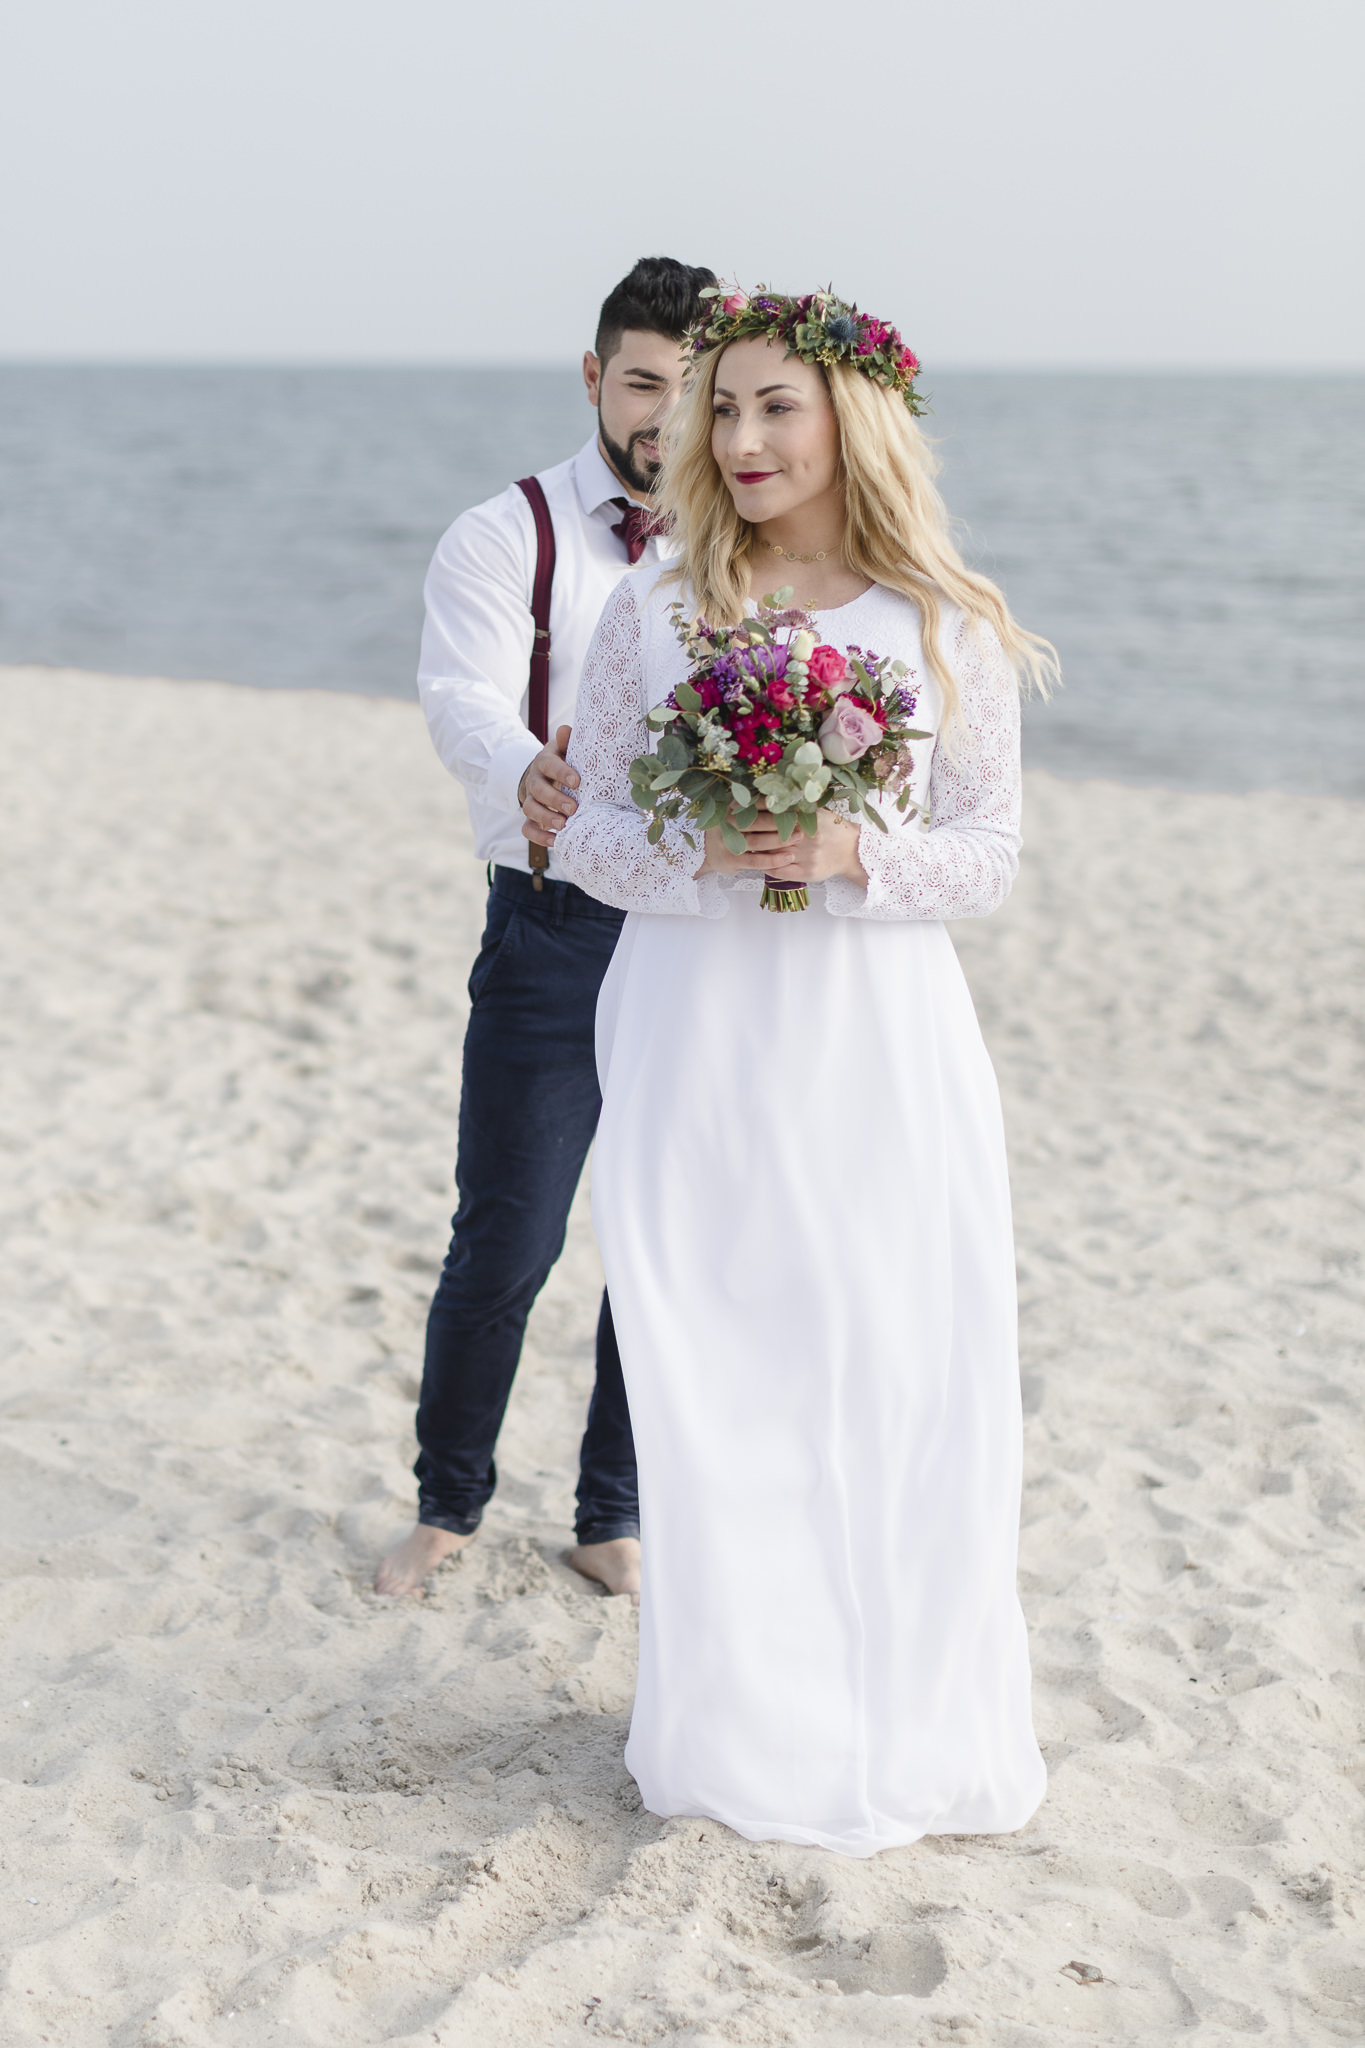 Hochzeitsfotograf Hamburg - Strandhochzeit - Bräutigam tippt Braut beim First Look von hinten auf die Schulter